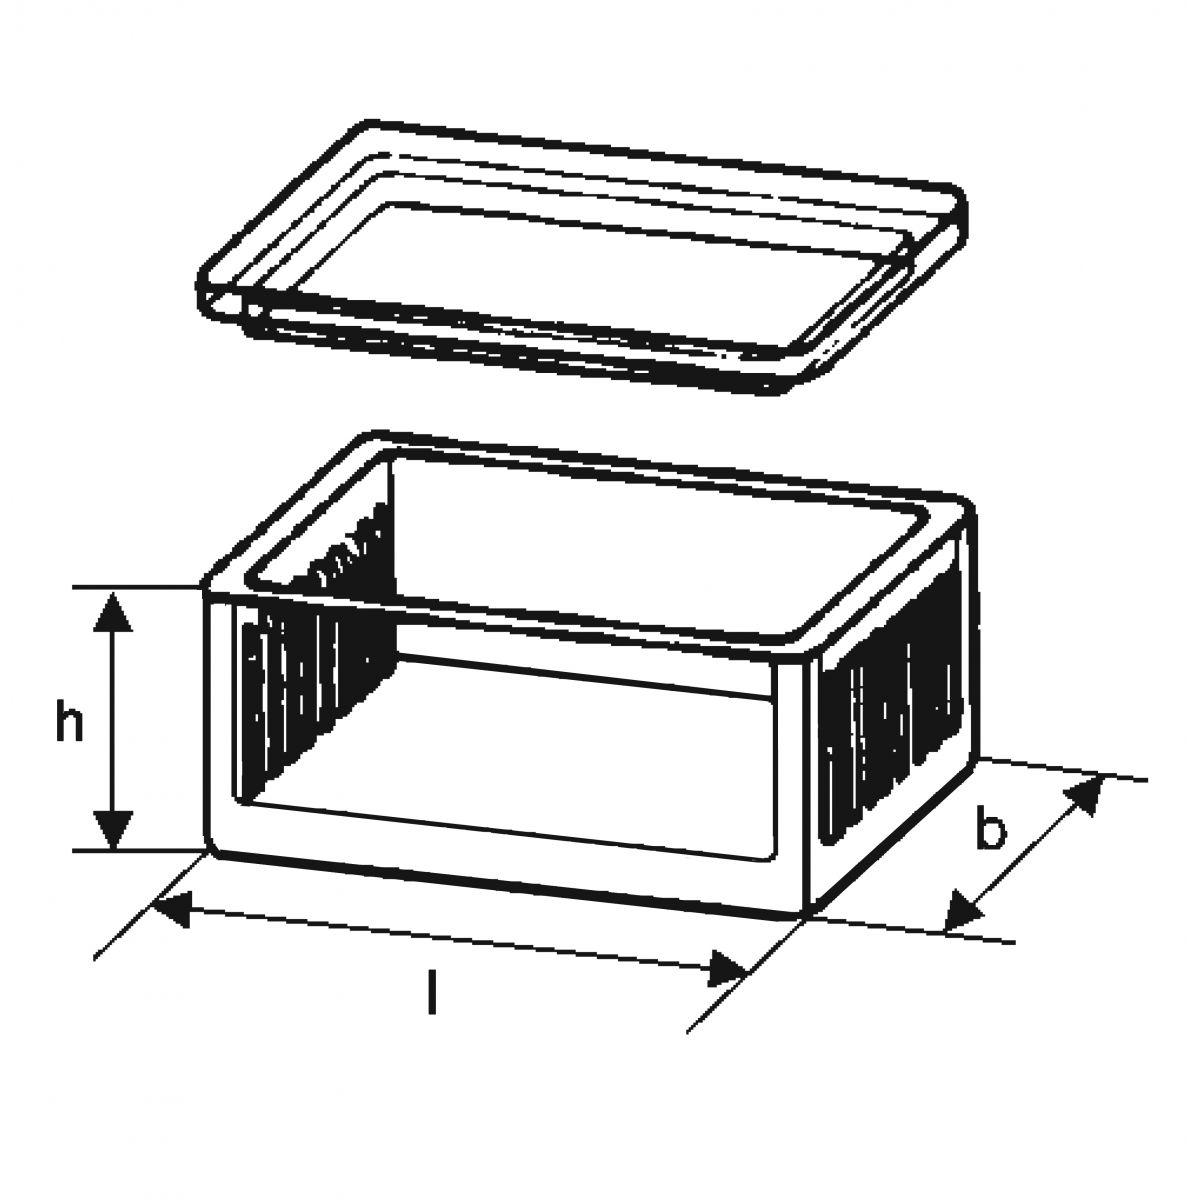 Cuba de vidro forma baixa com tampa horizontal para 8 lâminas  - loja.laborglas.com.br